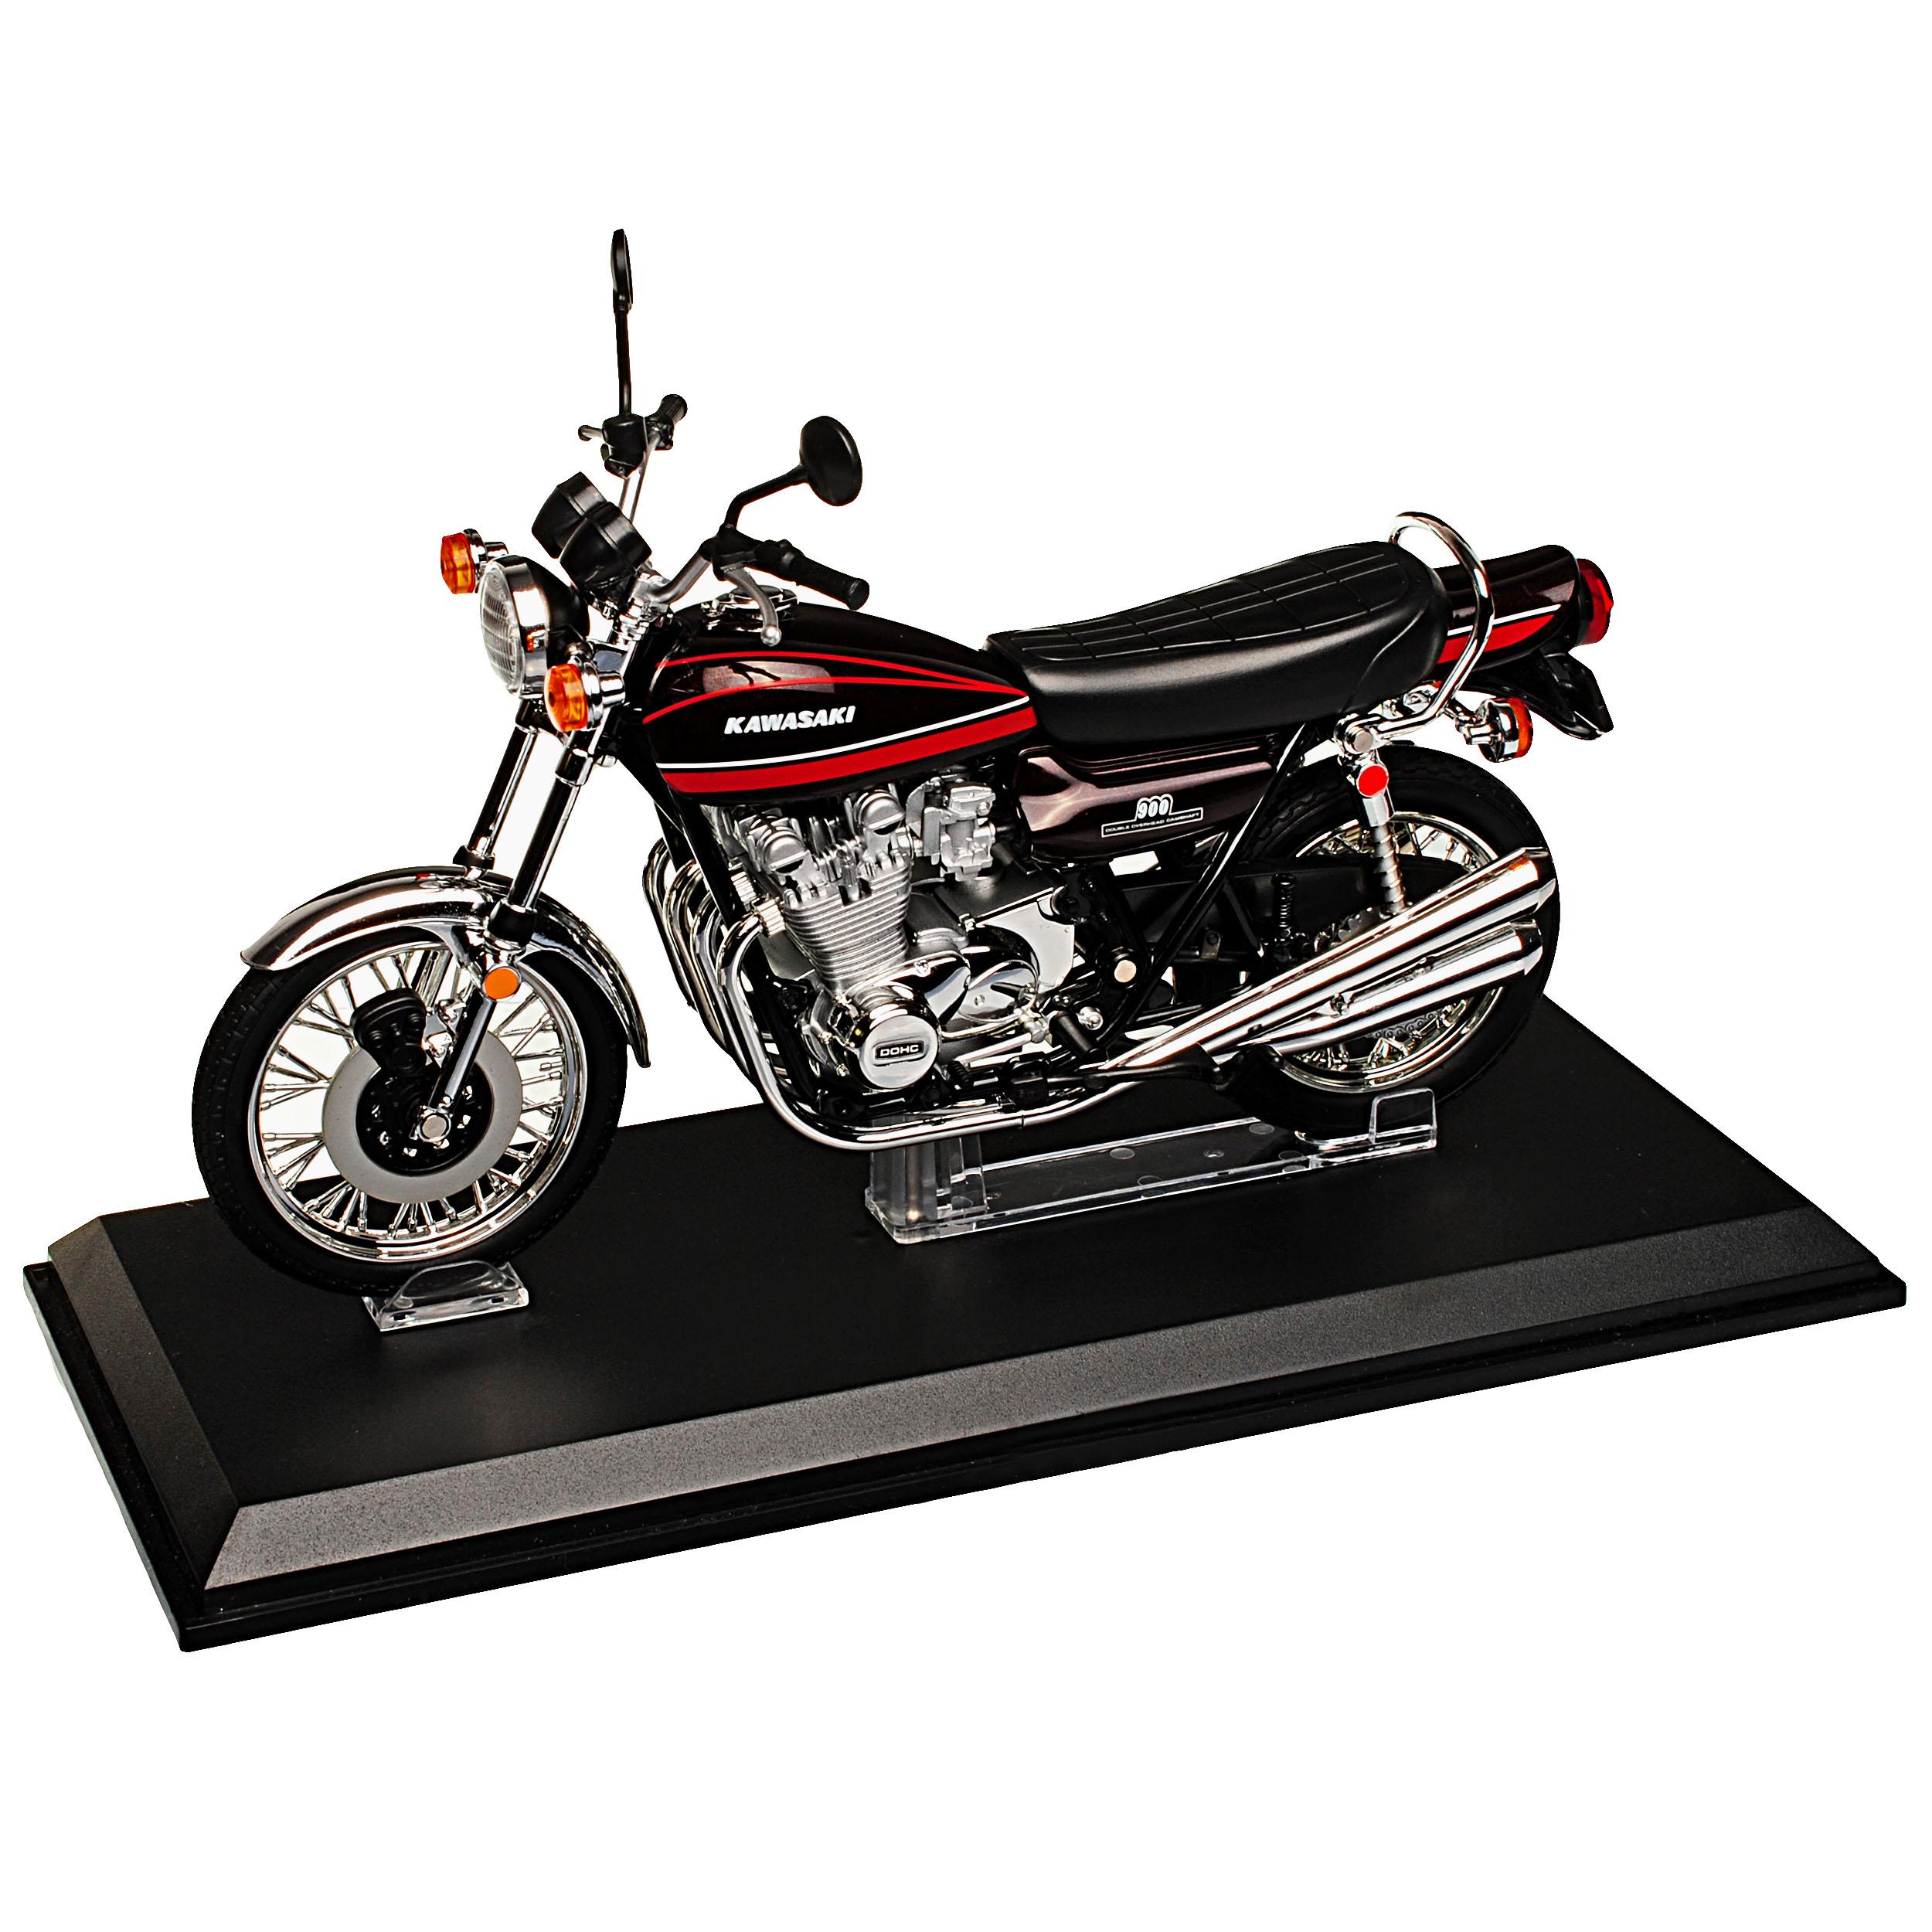 Kawasaki-900-Super-4-z1-rojo-con-rojo-1972-1976-listo-modelo-1-12-Aoshima-modelo miniatura 9